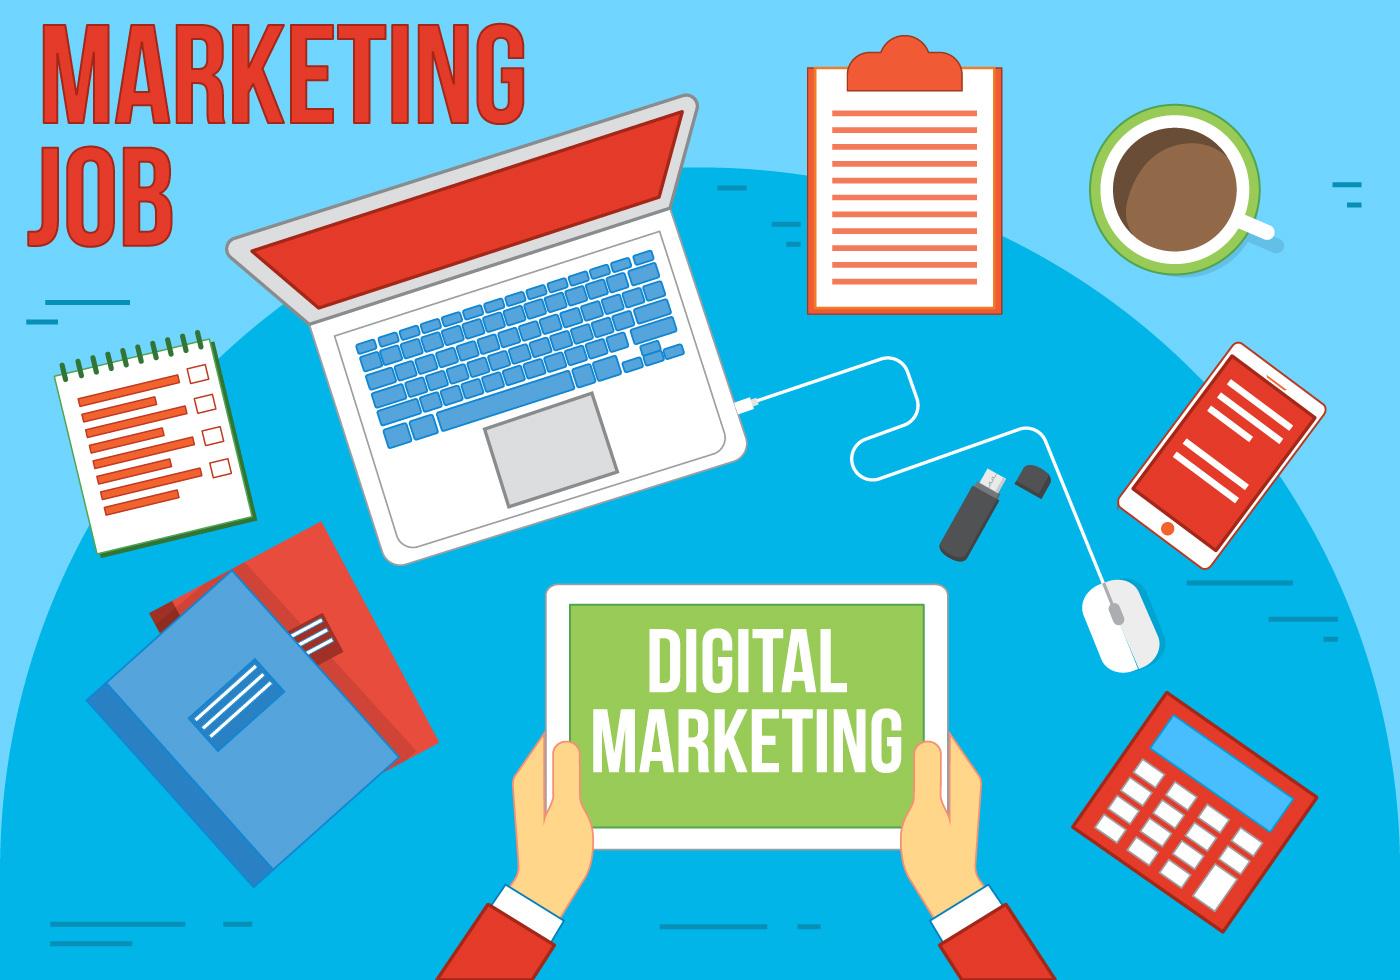 free vector marketing illustration